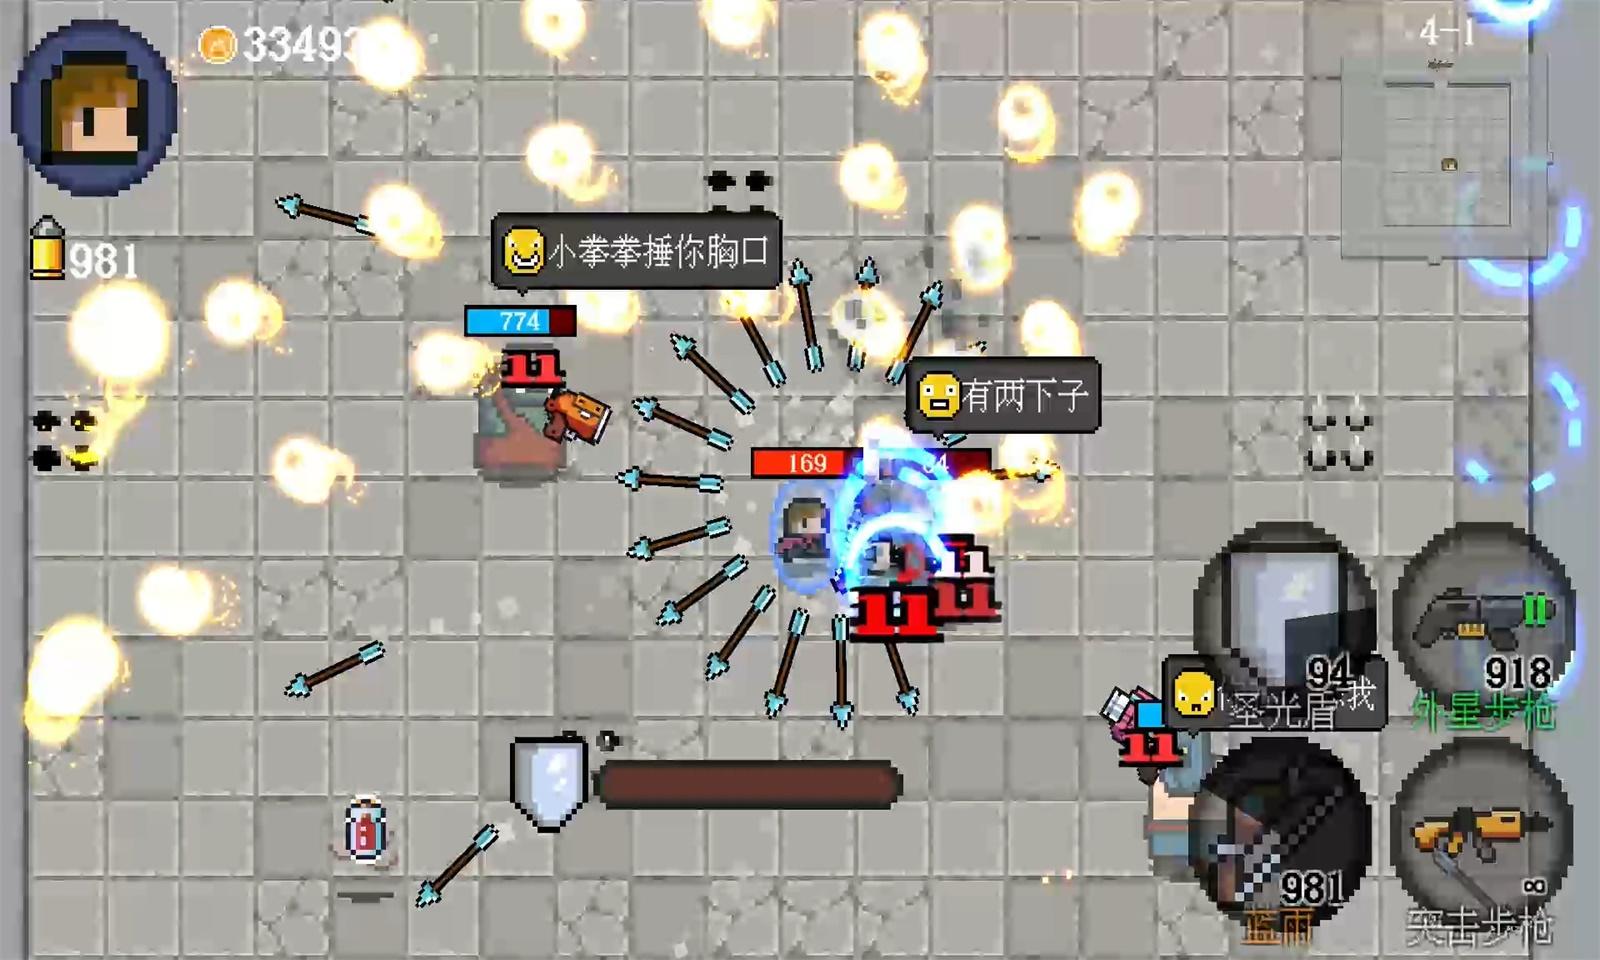 迷你勇者:像素射击